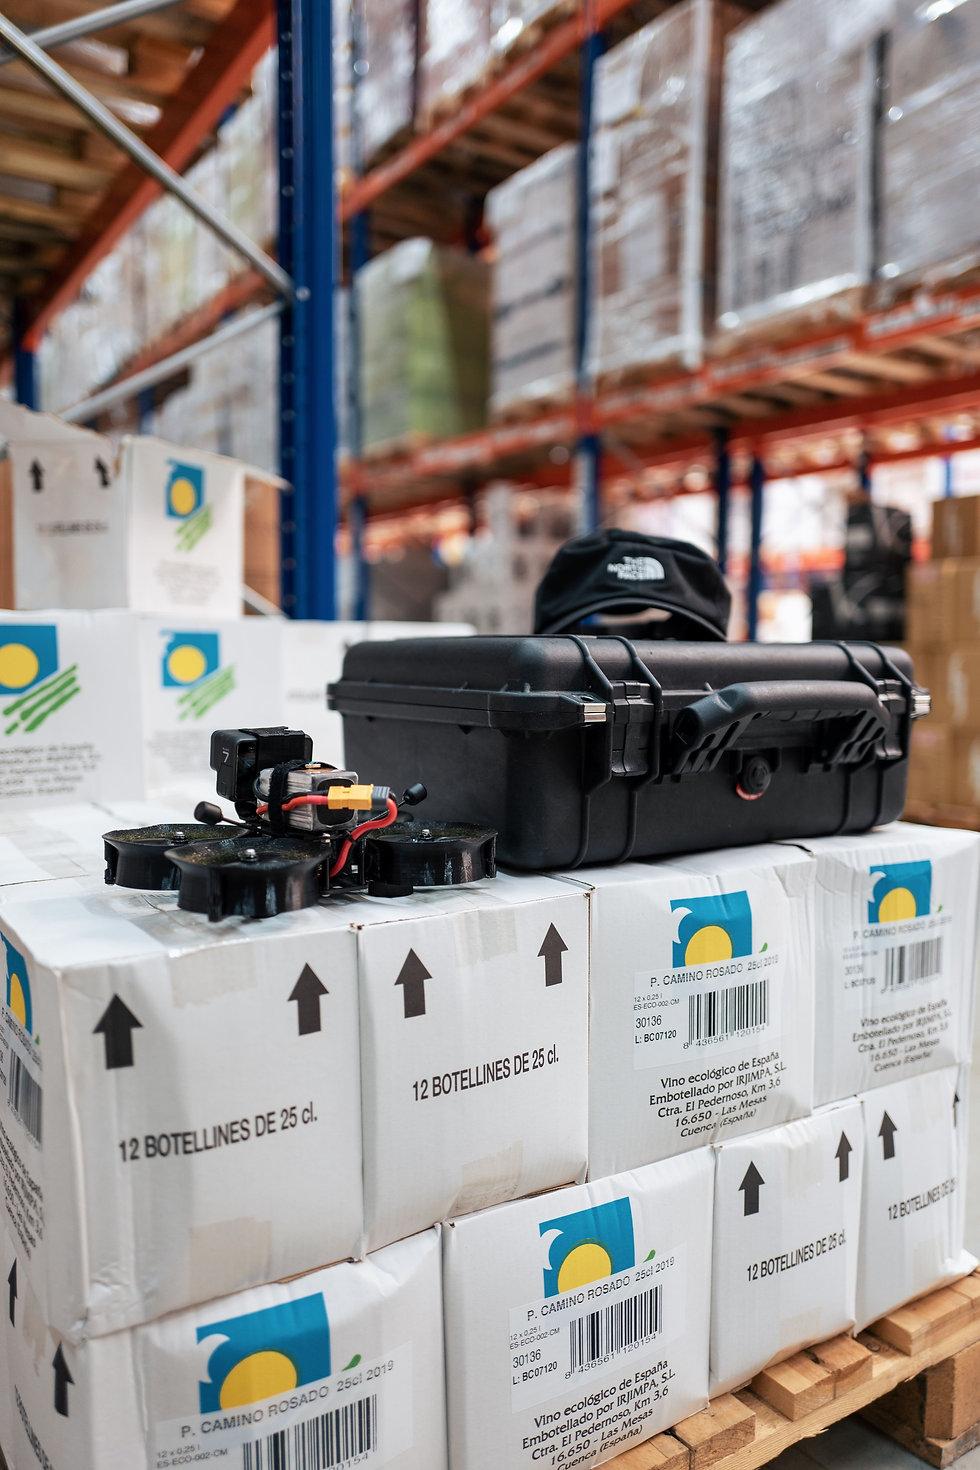 FImprodktin mit der Drohne oder FPV-Racing Drohnen. Filmproduktion Konstanz Baden-Württemberg